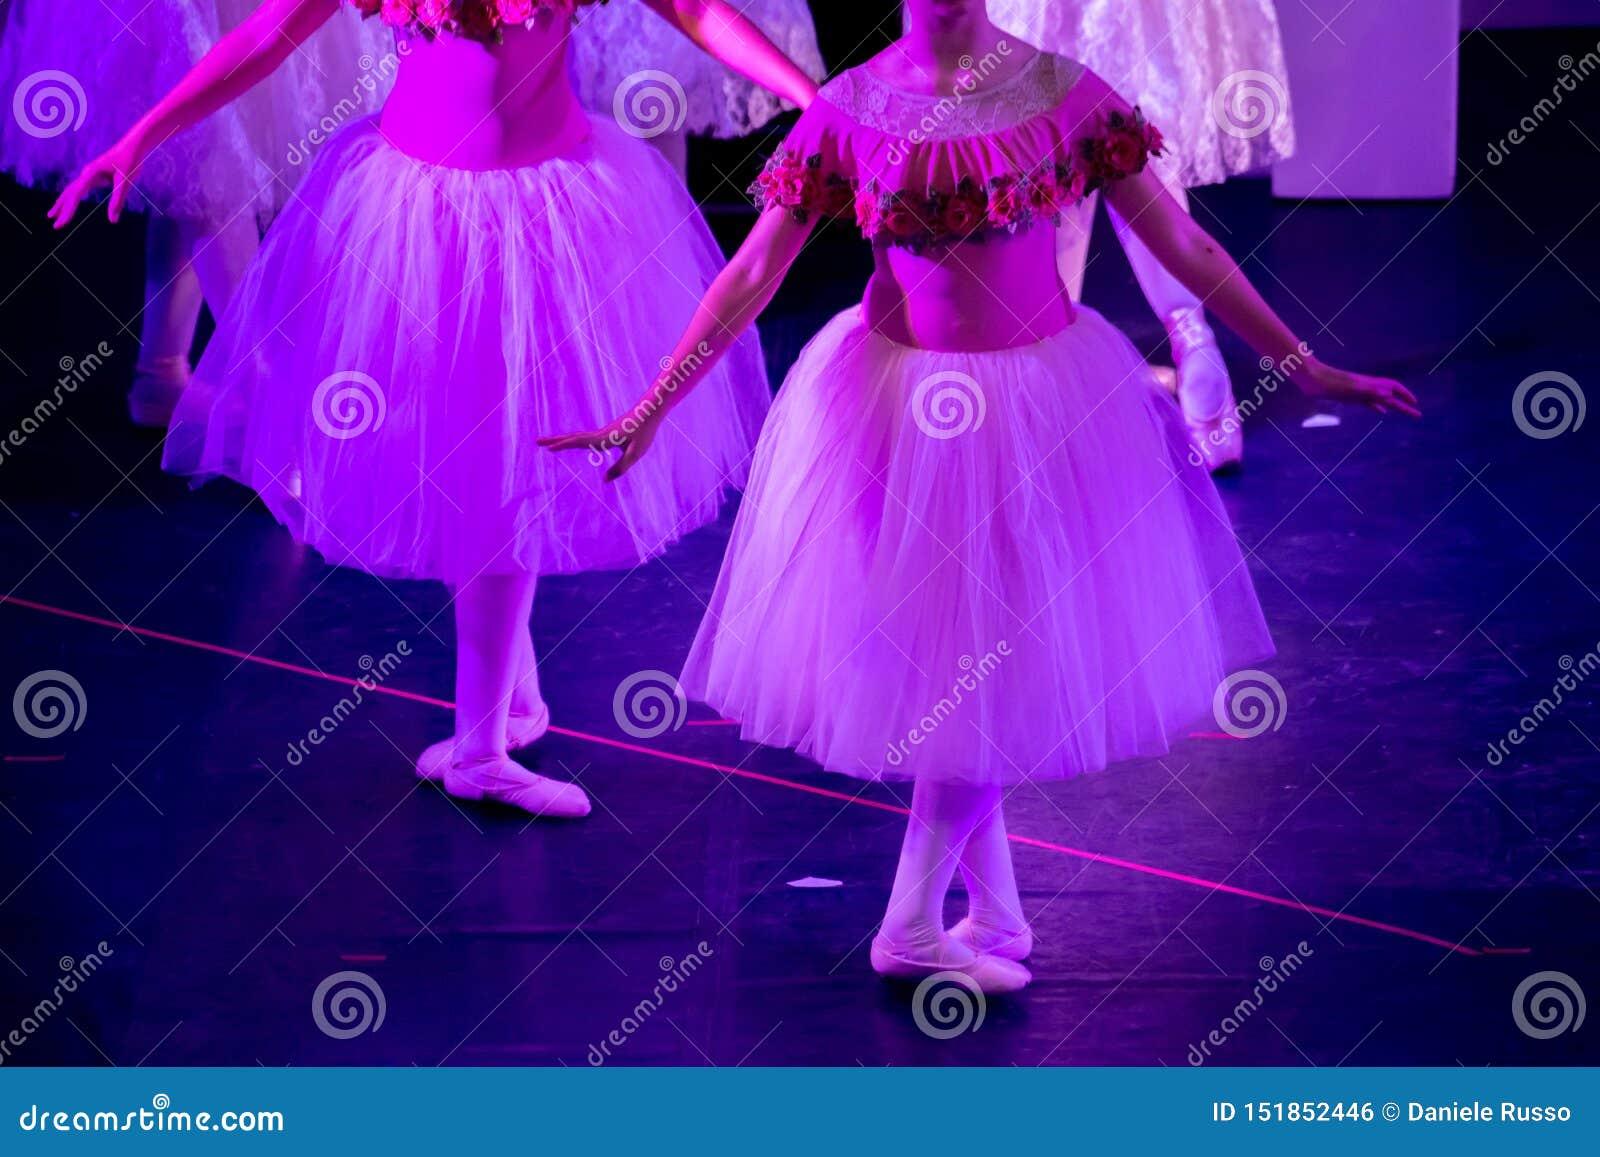 Balettdansörer under purpurfärgat ljus med klassiska klänningar som utför en balett på suddighetsbakgrund